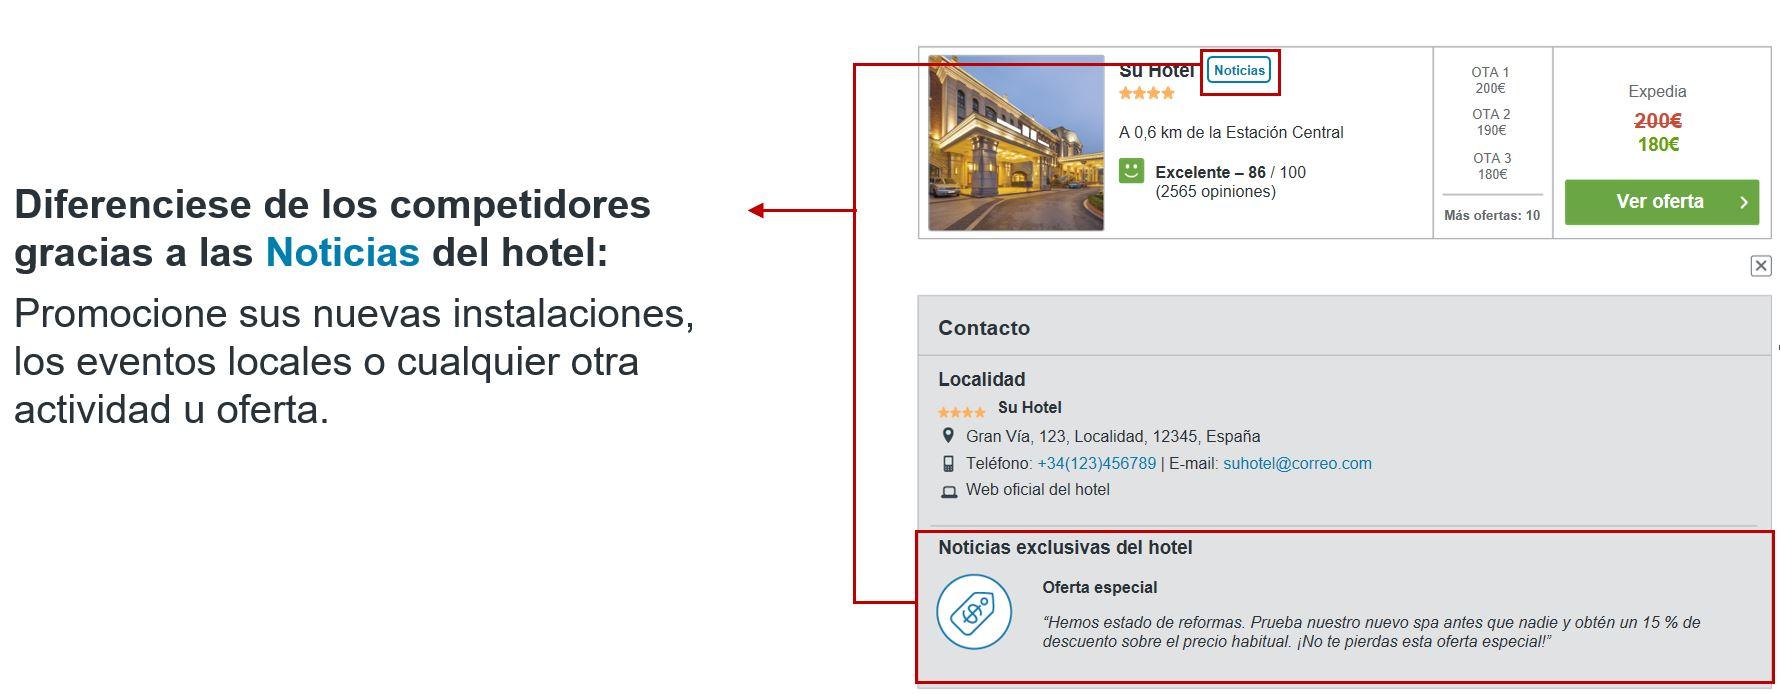 perfil de hotel con trivago Hotel Manager PRO